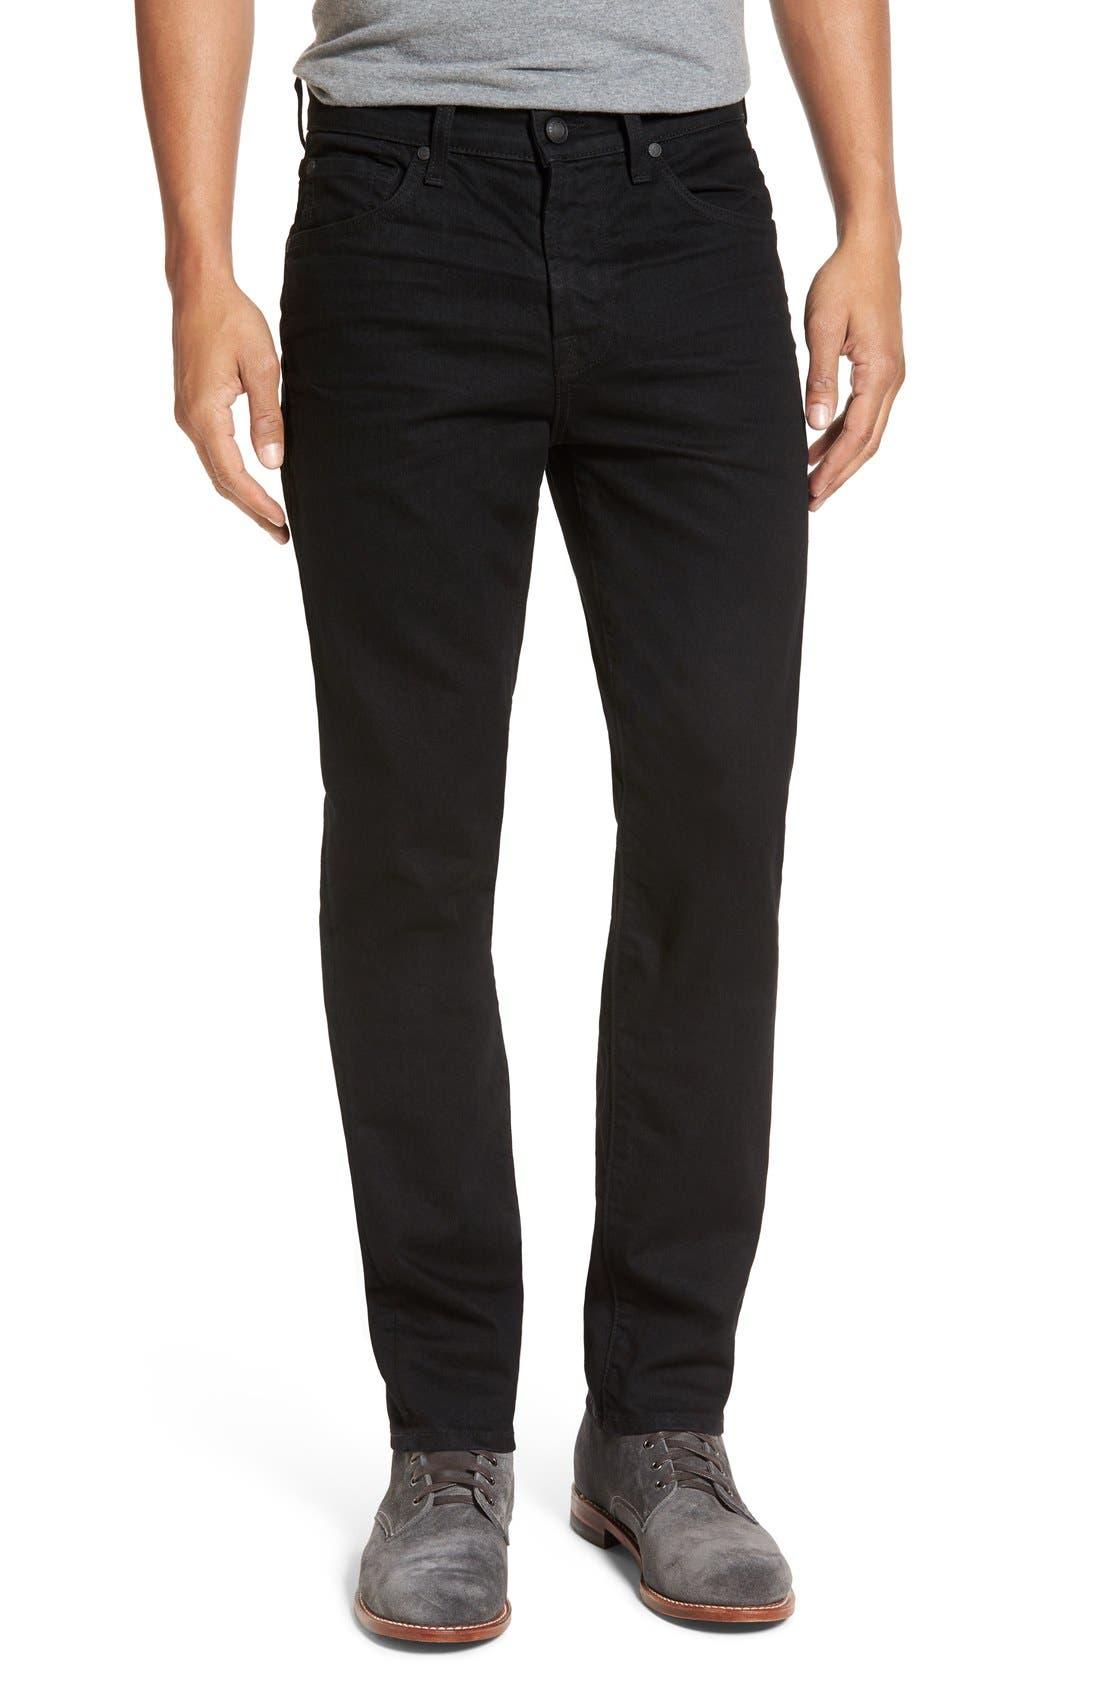 Slimmy Slim Fit Jeans,                             Main thumbnail 1, color,                             Towne Black